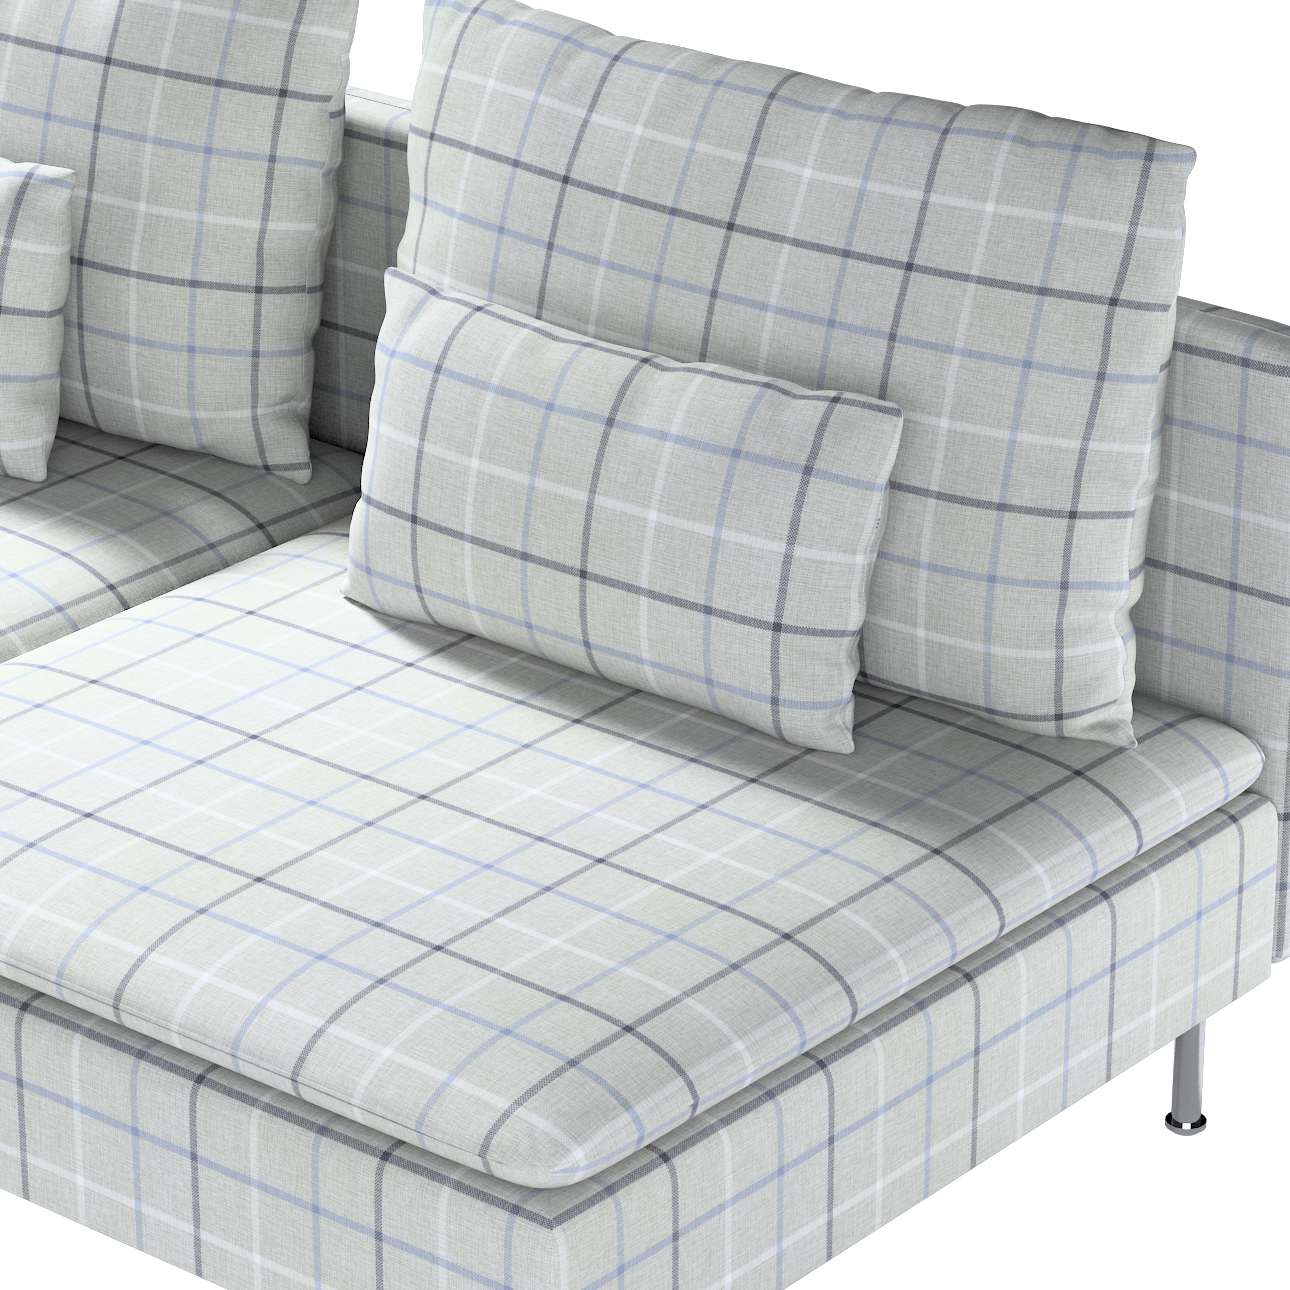 Bezug für Söderhamn Sitzelement 3 von der Kollektion Edinburgh, Stoff: 703-18